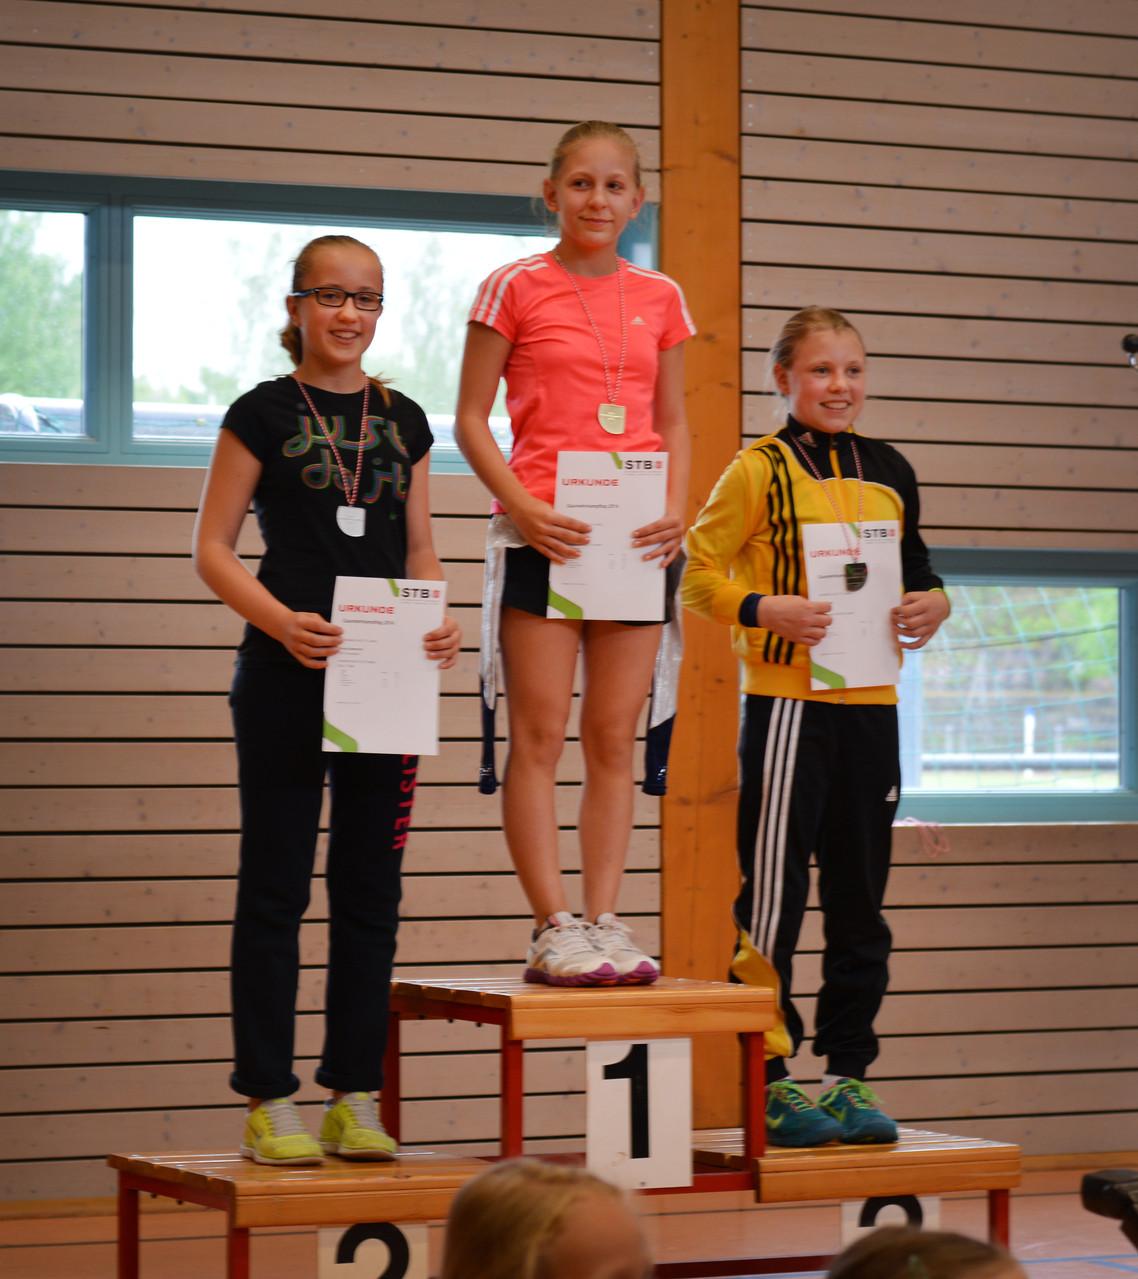 1. Platz Luisa Holzer, 2. Platz Anna Gemmrich